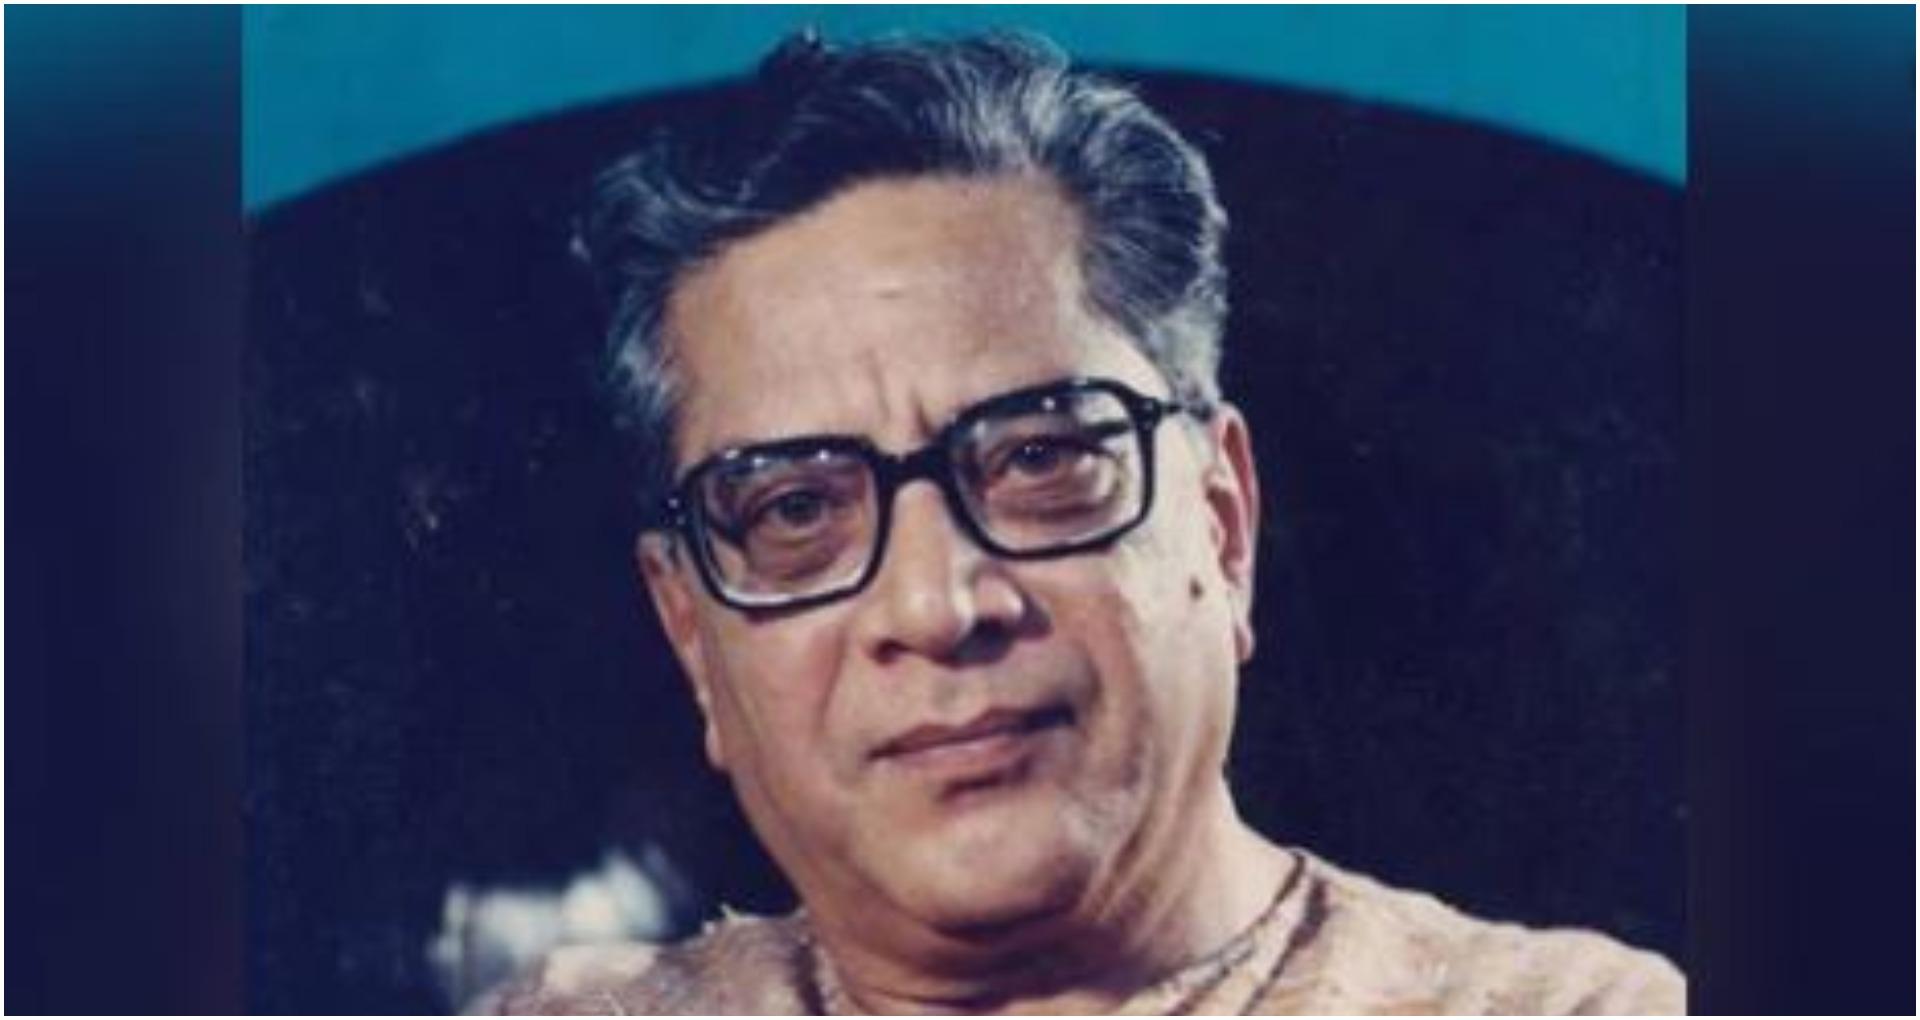 एक्टर श्रीराम लागू का 92 साल की उम्र में निधन, ऋषि कपूर, उद्धव ठाकरे सहित अन्य ने दी श्रद्धांजलि